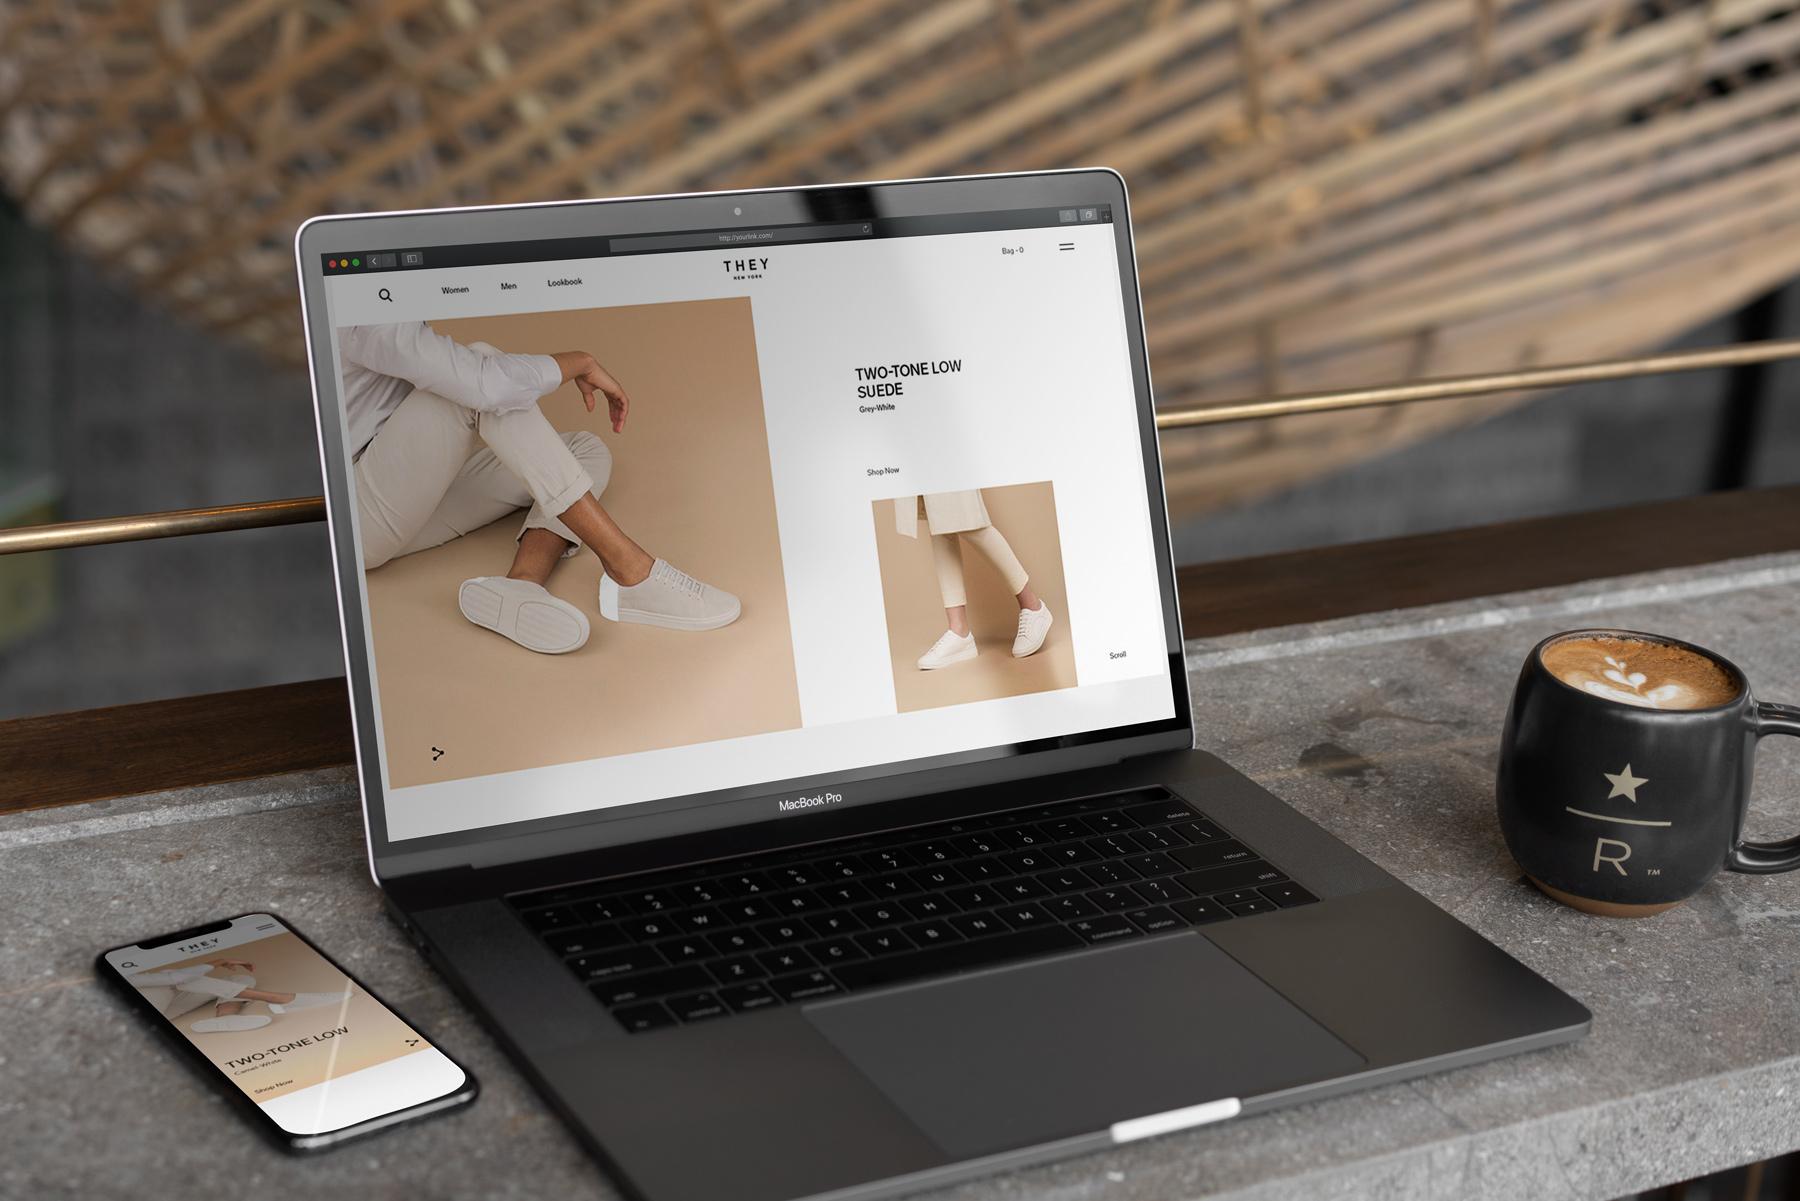 MacBook Pro Mock-Up Loft Style example image 10